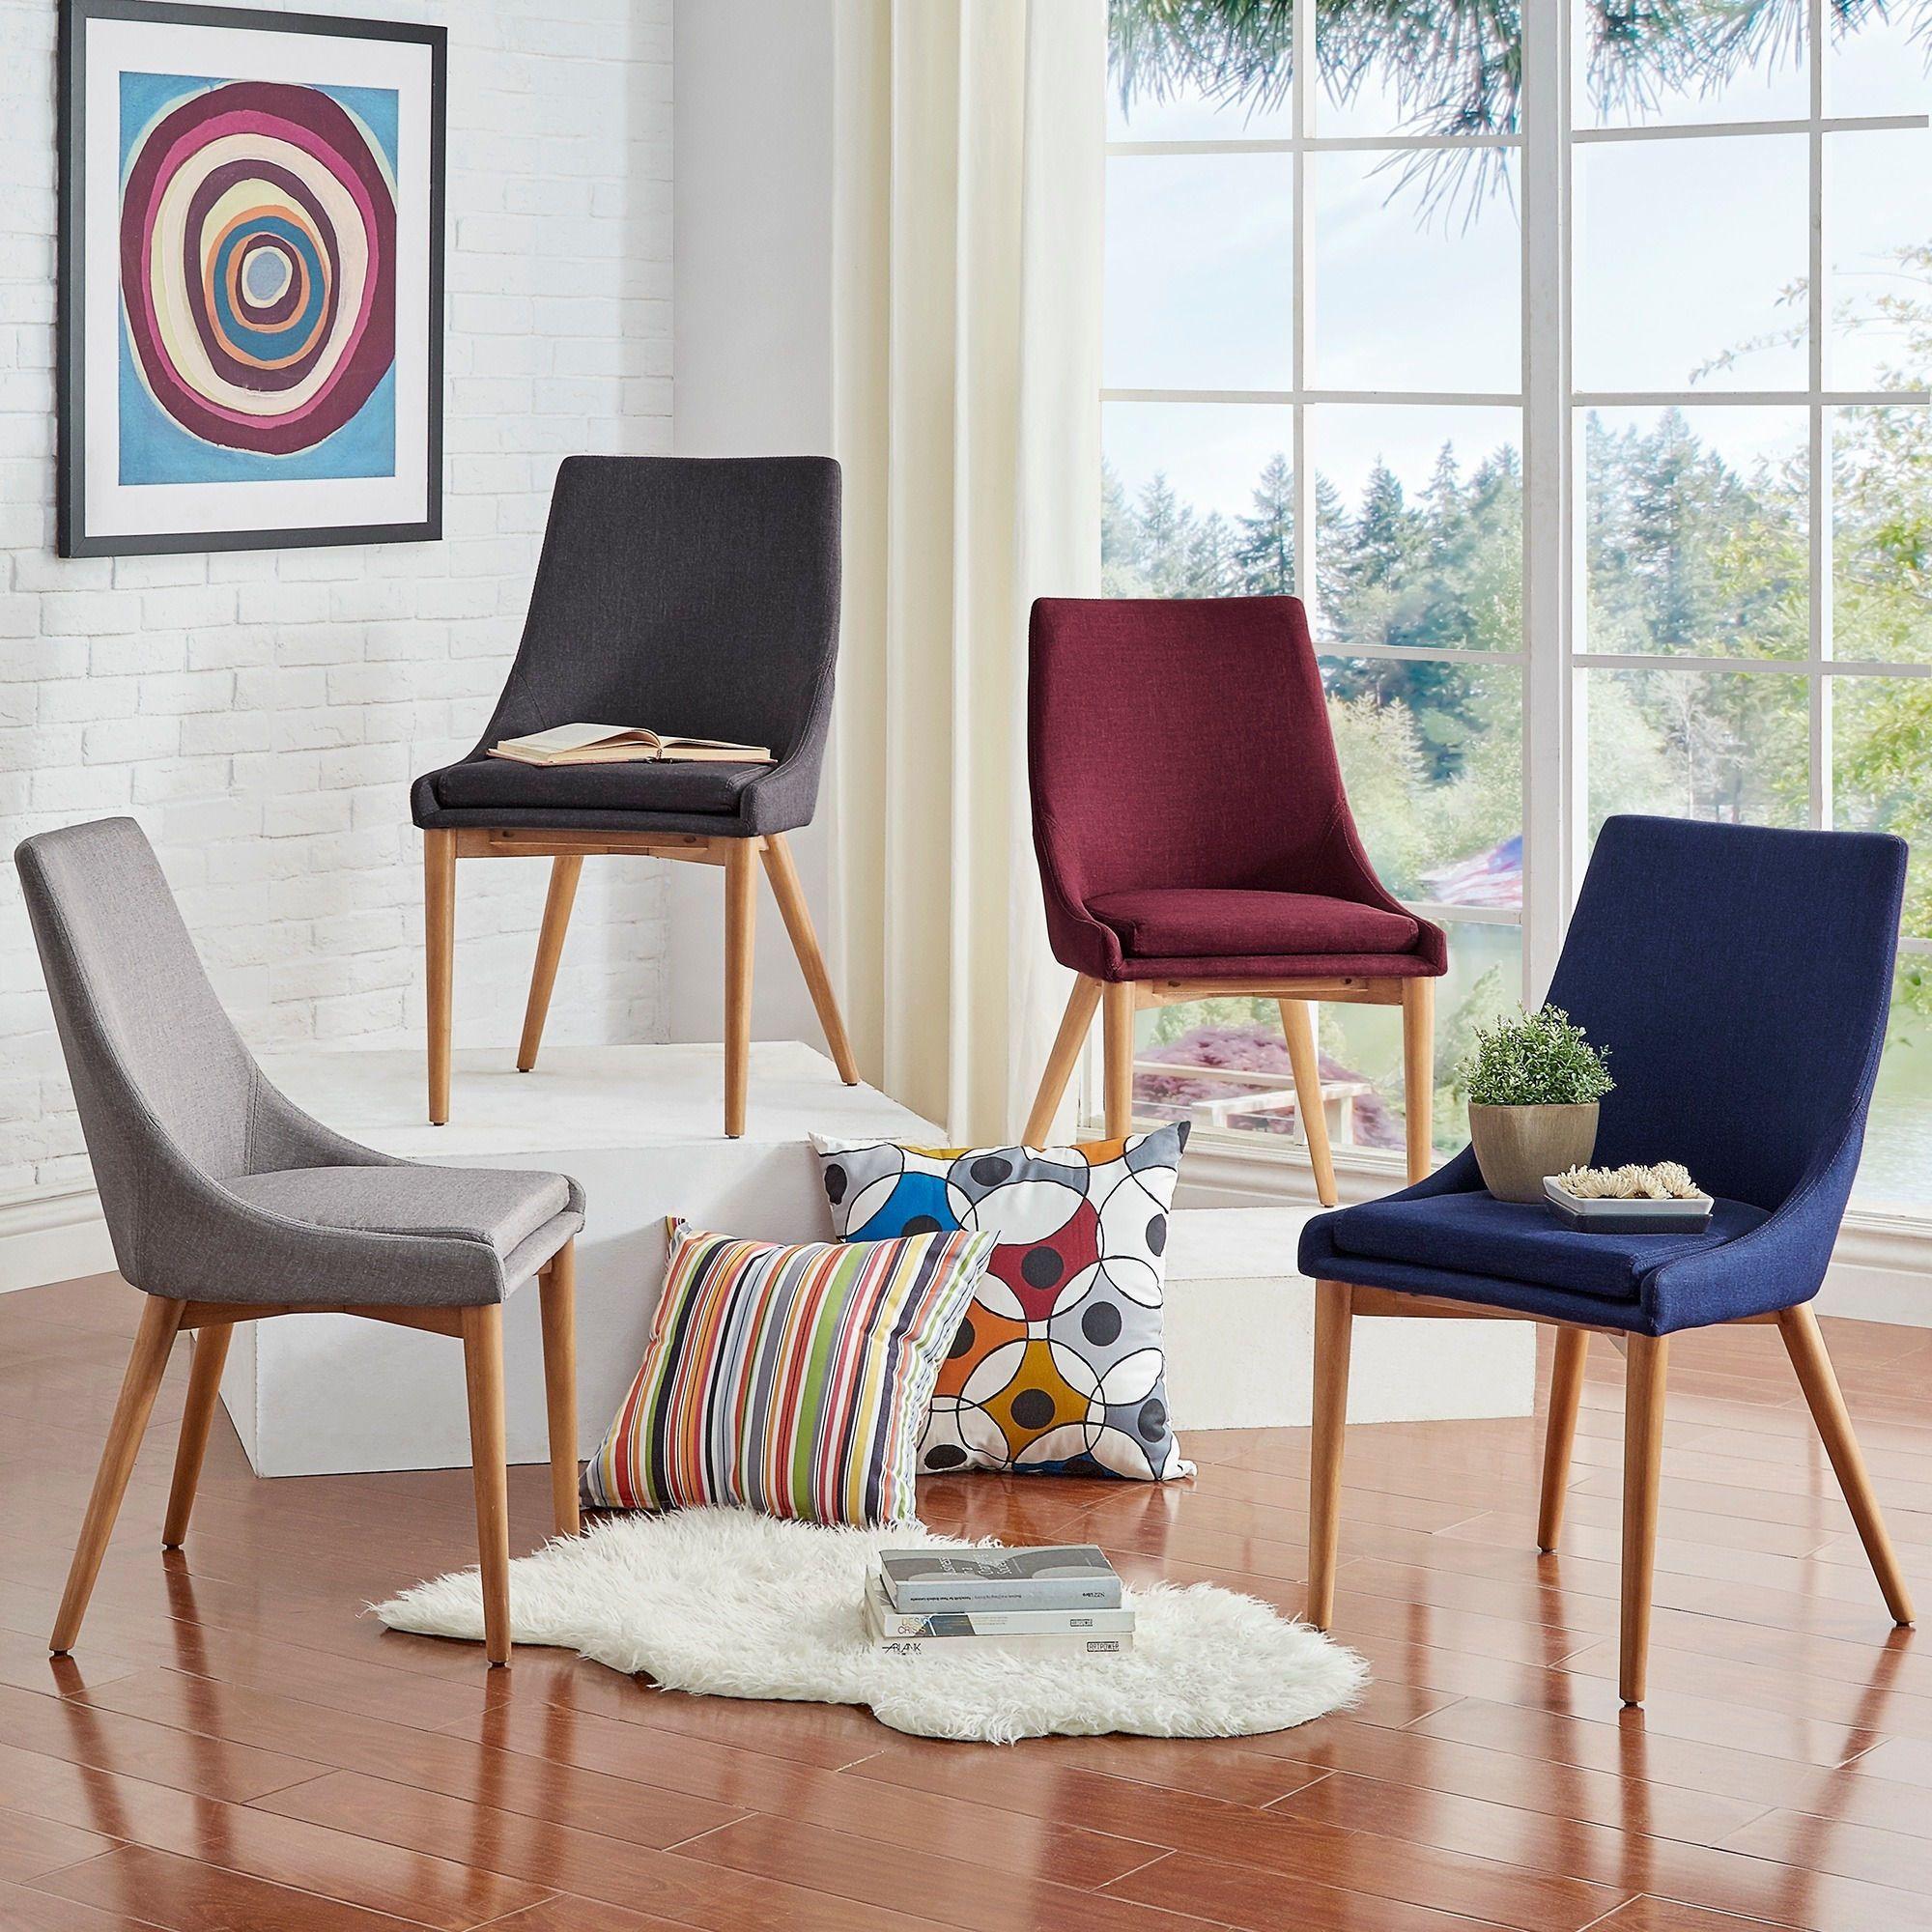 Stühlen Orange Perth Farbigen Teal Stühle Esszimmer FKJl1c